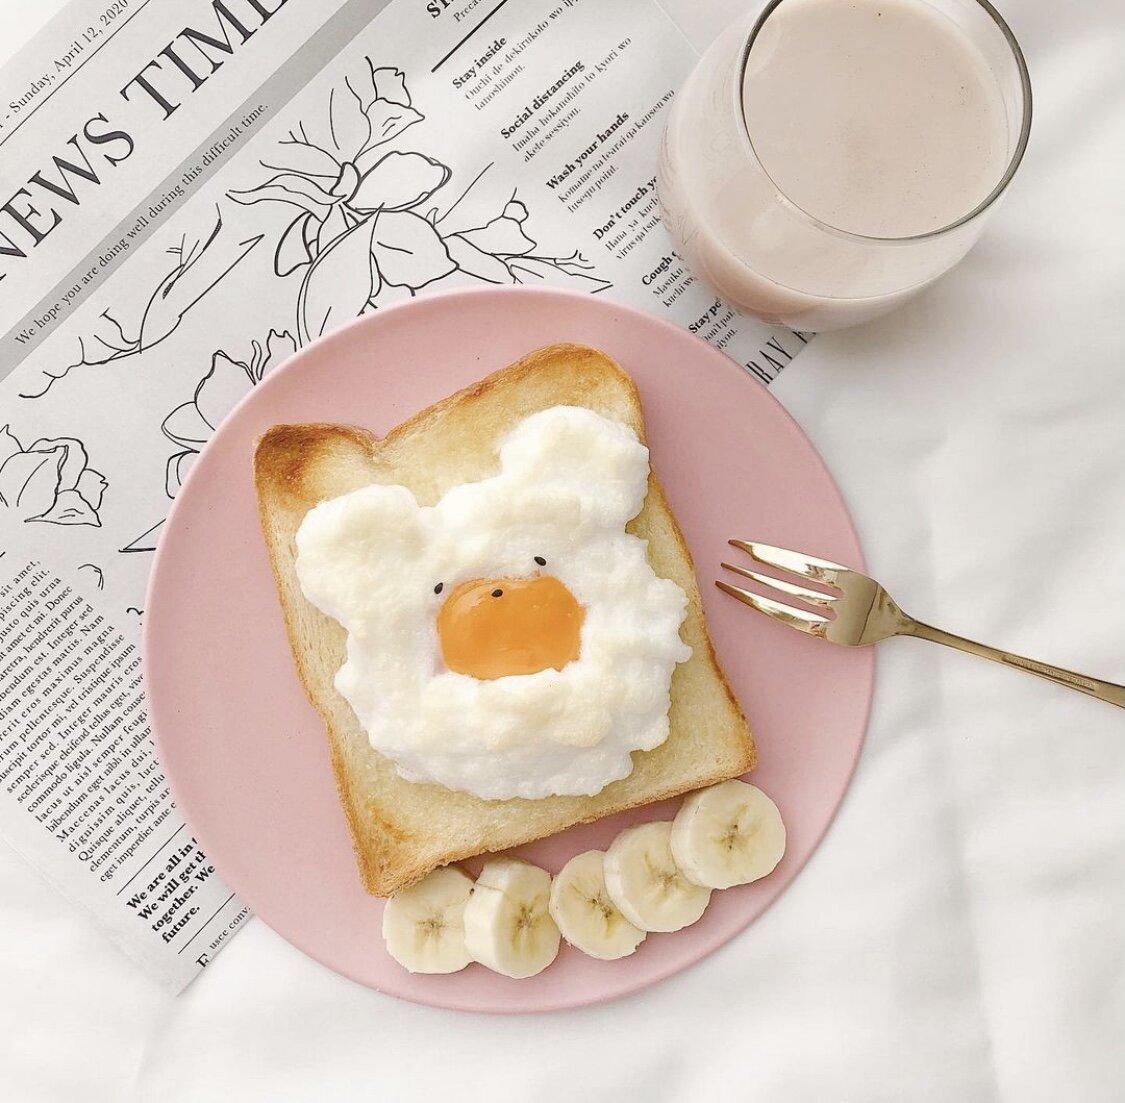 もこもこ卵が堪らない♡#エッグインクラウドって知ってますか??